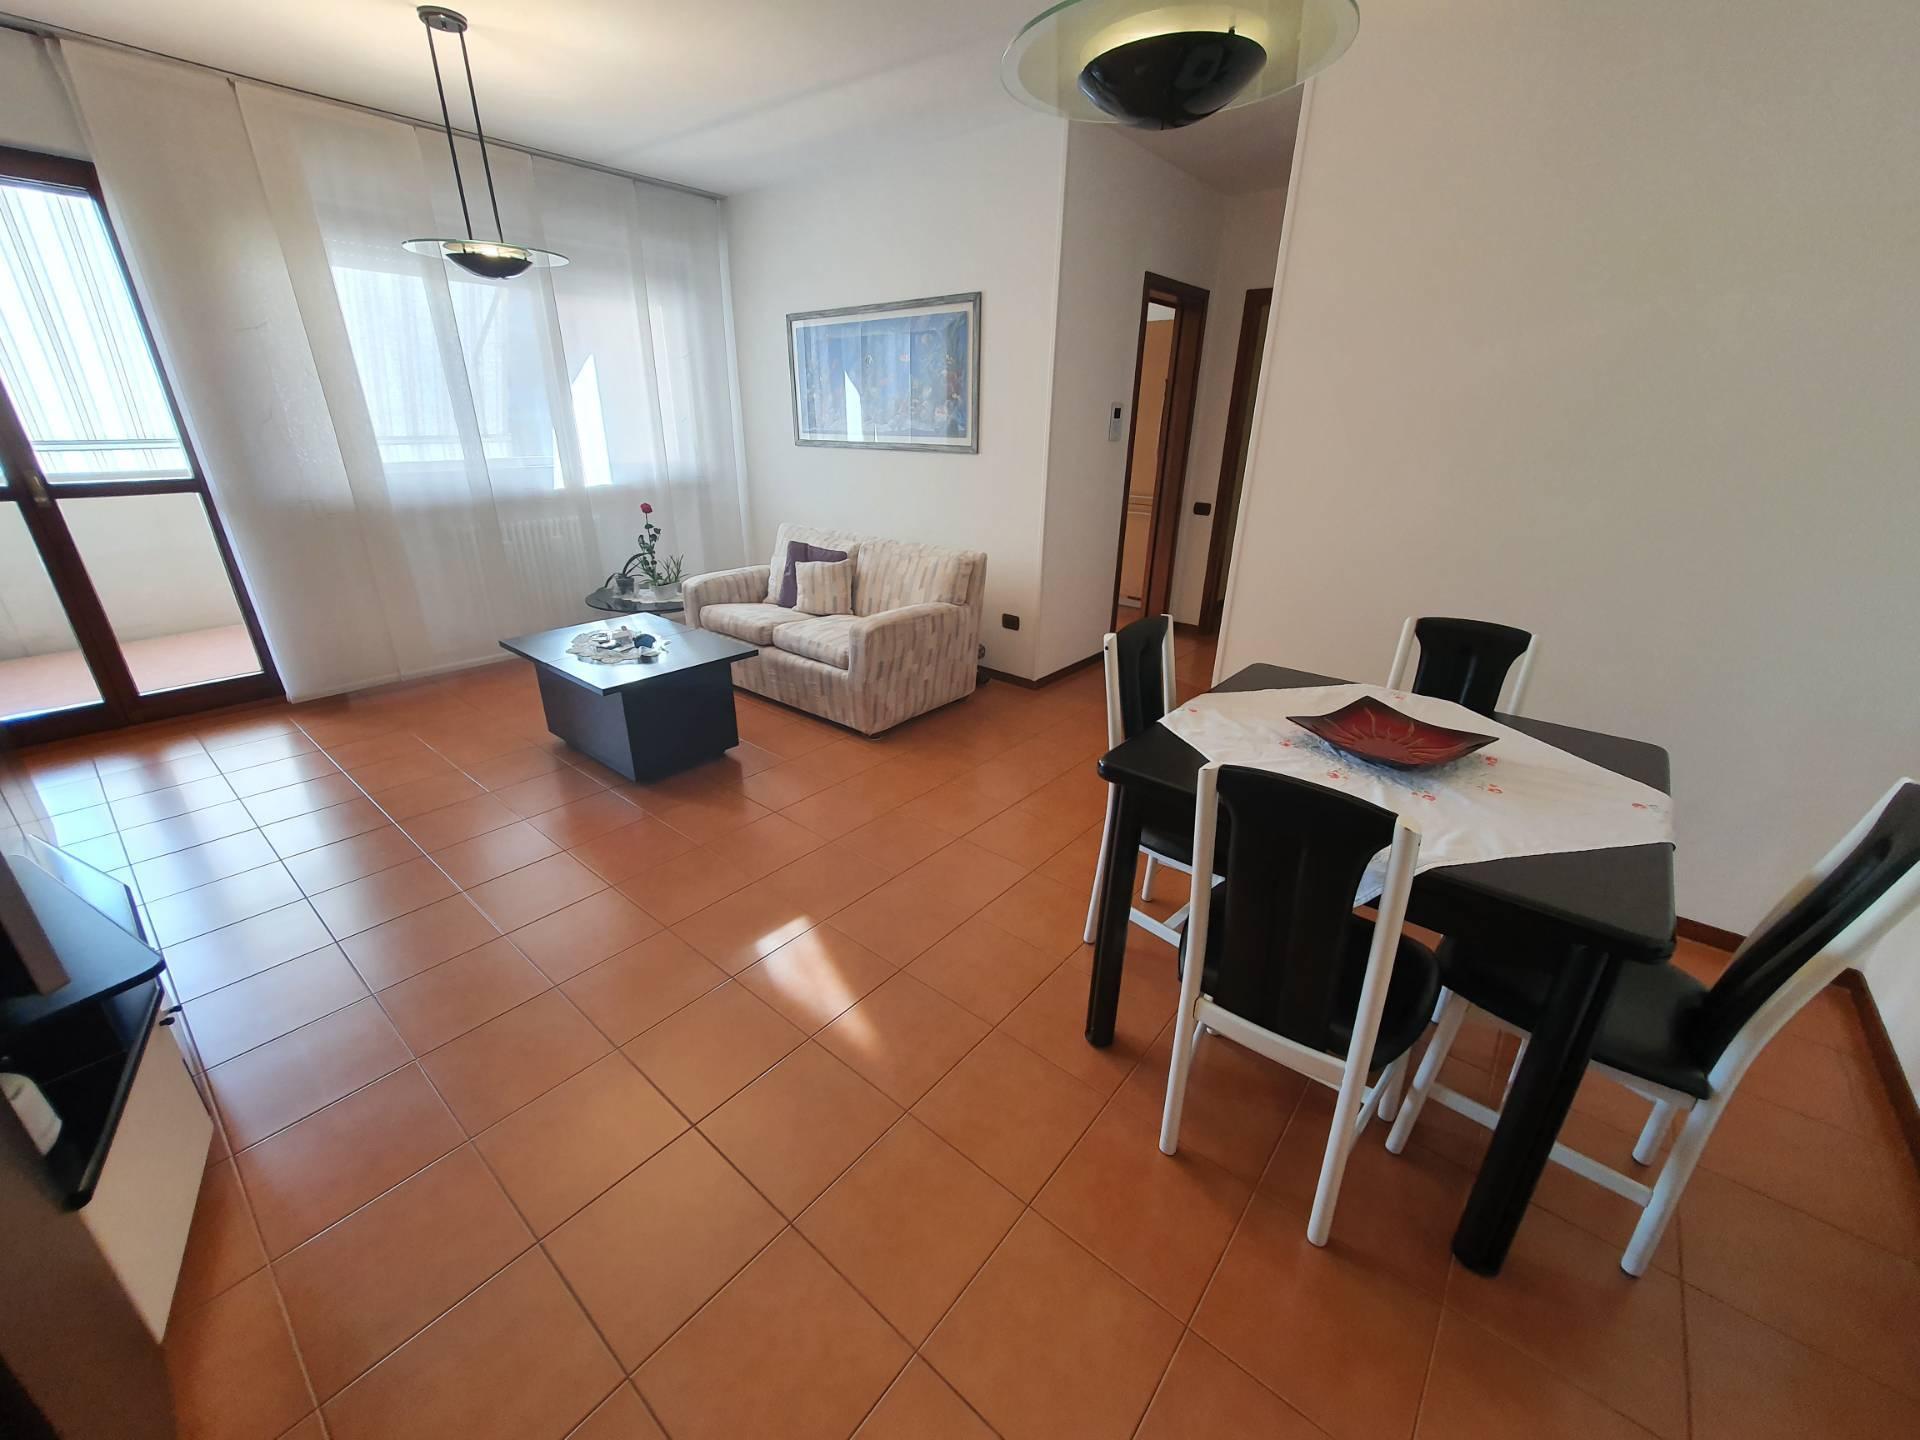 Appartamento in vendita a Bergamo, 4 locali, prezzo € 179.000   PortaleAgenzieImmobiliari.it